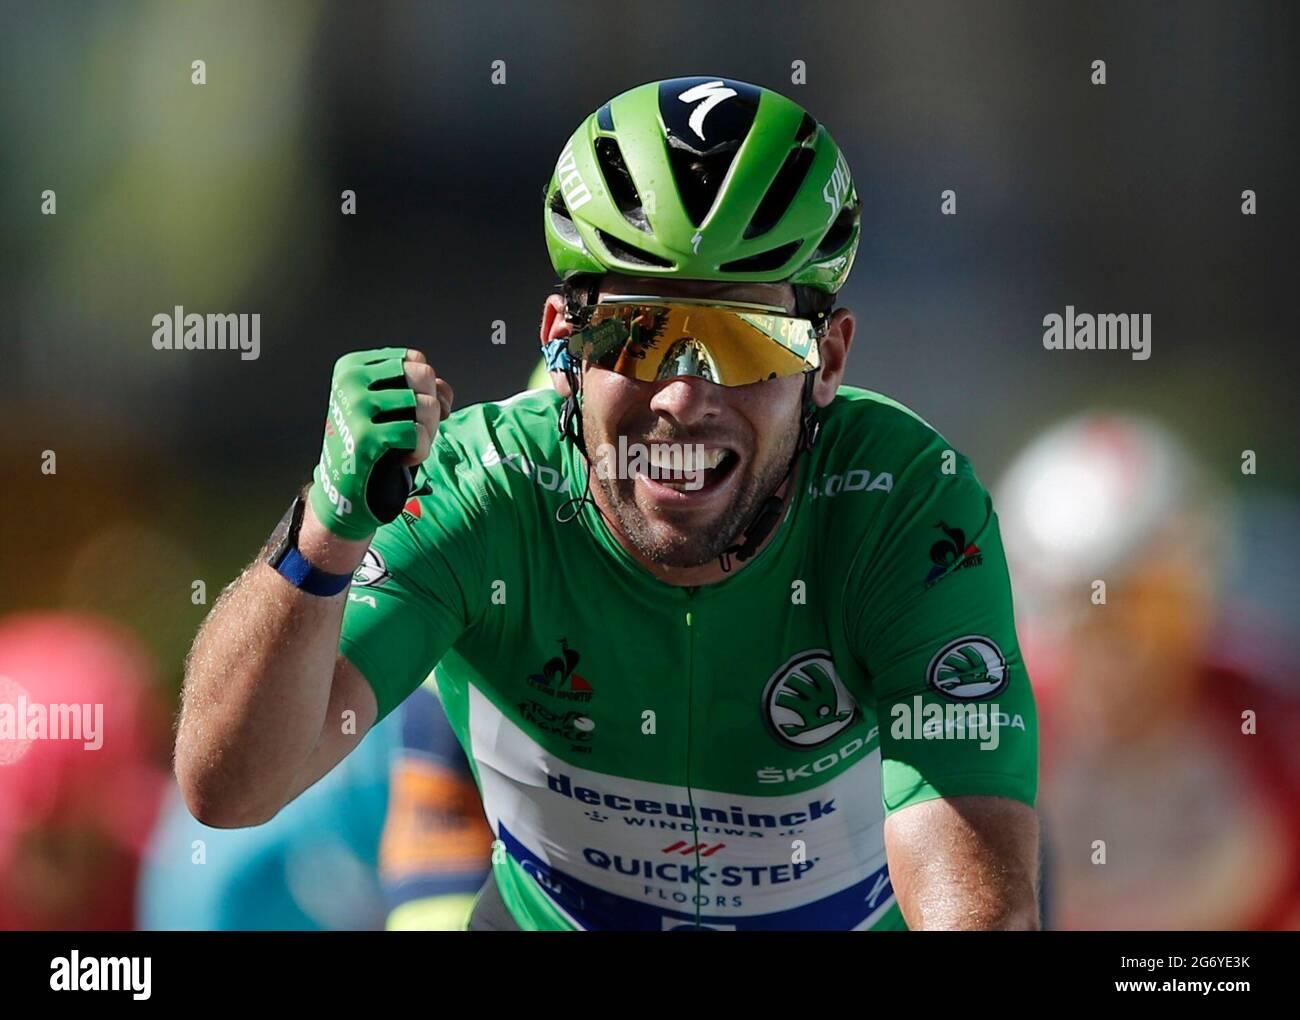 Ciclismo - Tour de France - Stage 13 - Nimes to Carcassonne - Francia - July 9, 2021 Deceuninck–Quick-Step pilota Mark Cavendish della Gran Bretagna indossare la maglia verde celebra come egli attraversa la linea per vincere la fase 13 REUTERS/Benoit Tessier Foto Stock